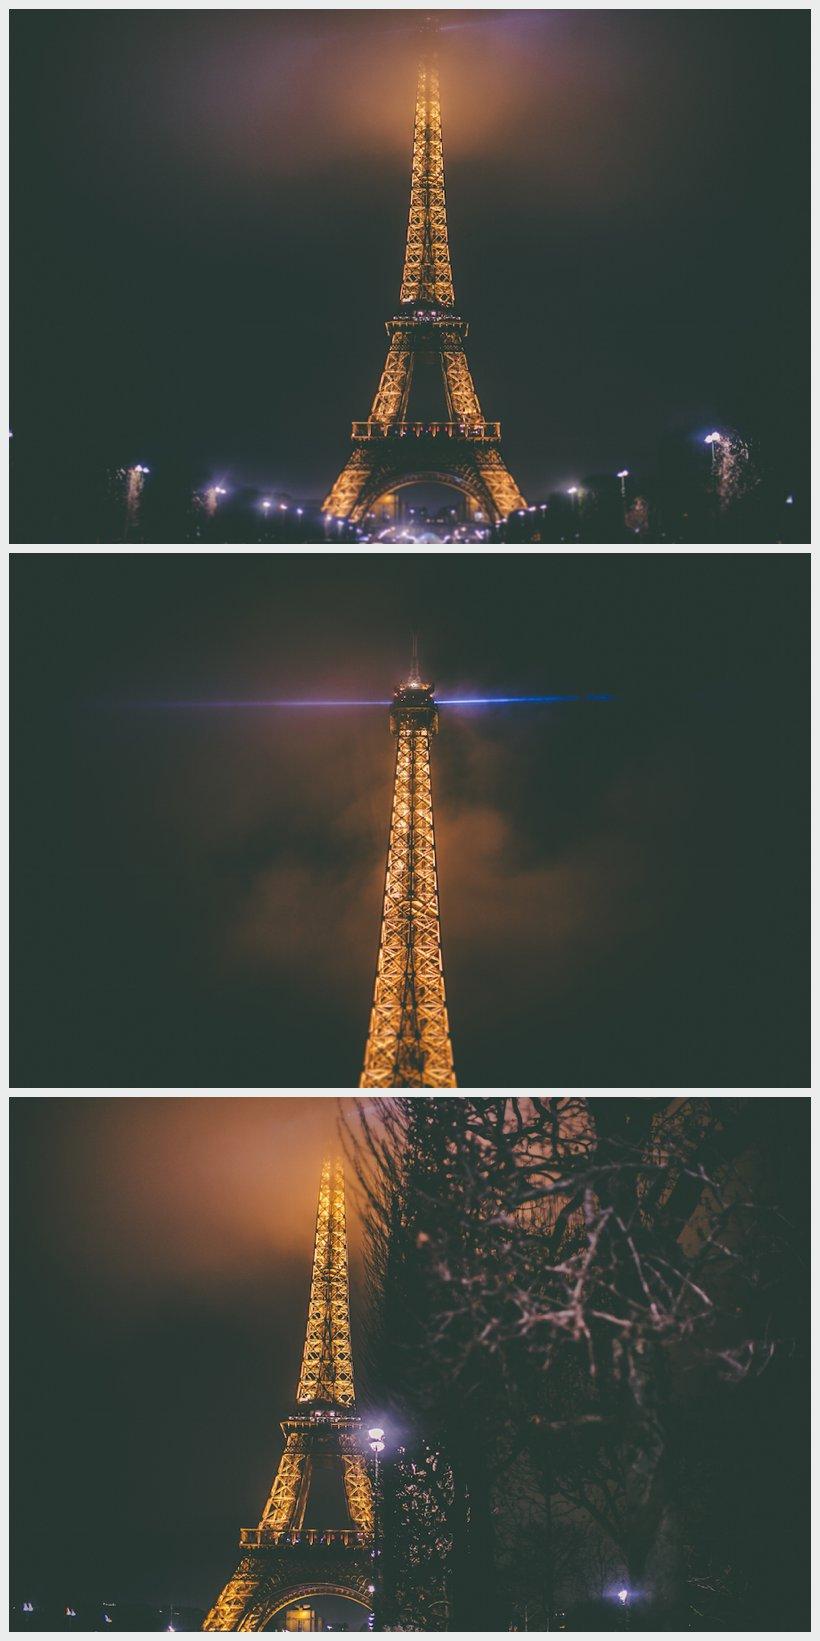 2015-01-09_0008.jpg